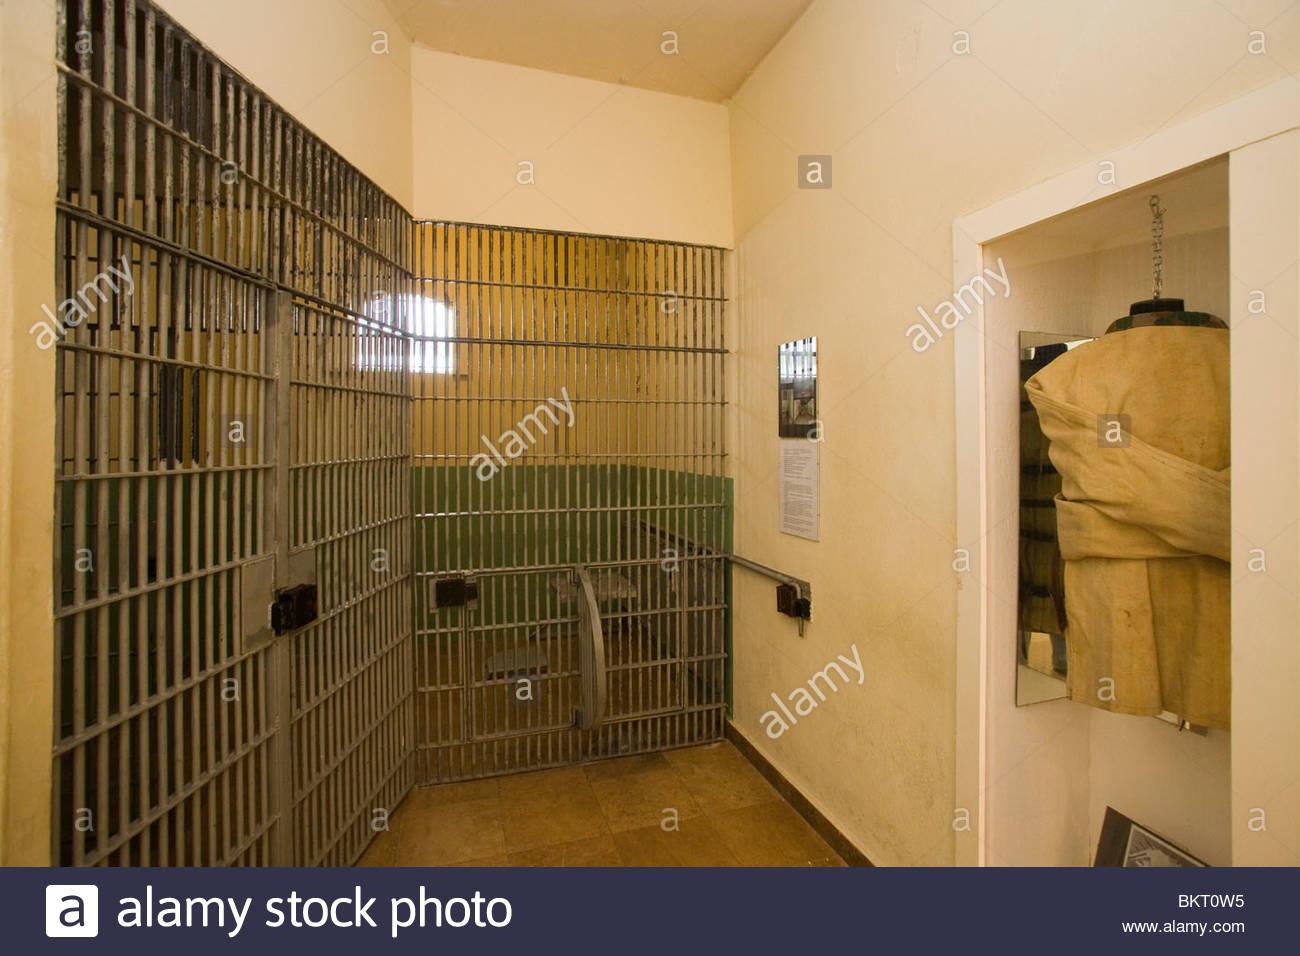 Zellen, die Stasi geheimen Zentrum zur Zeit der DDR, die Stasi-Museum, Berlin, Deutschland Stockbild